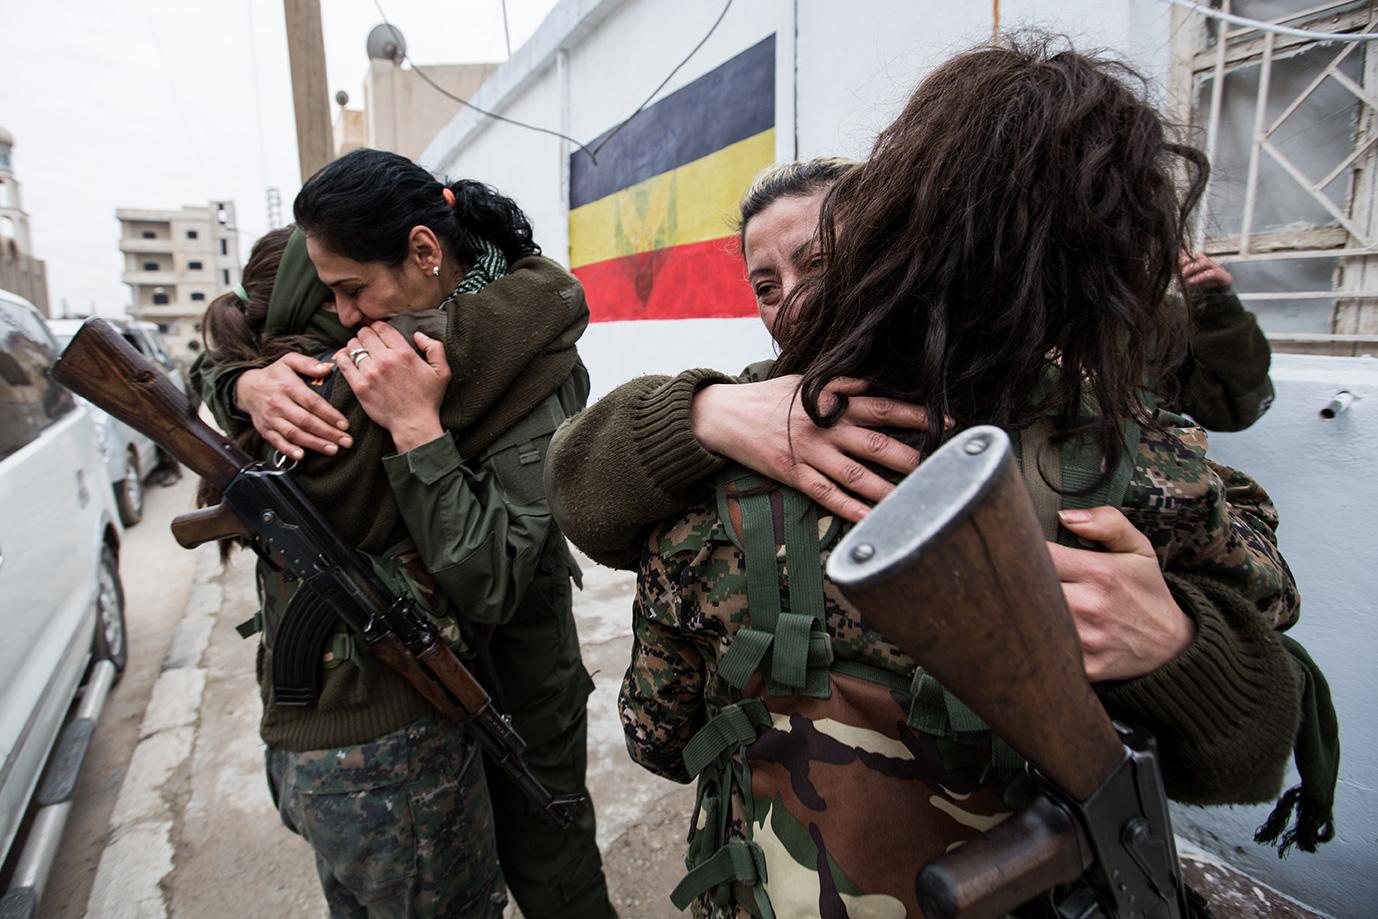 celebrating goodbuy leaving frontling female unit christian syria hasaka